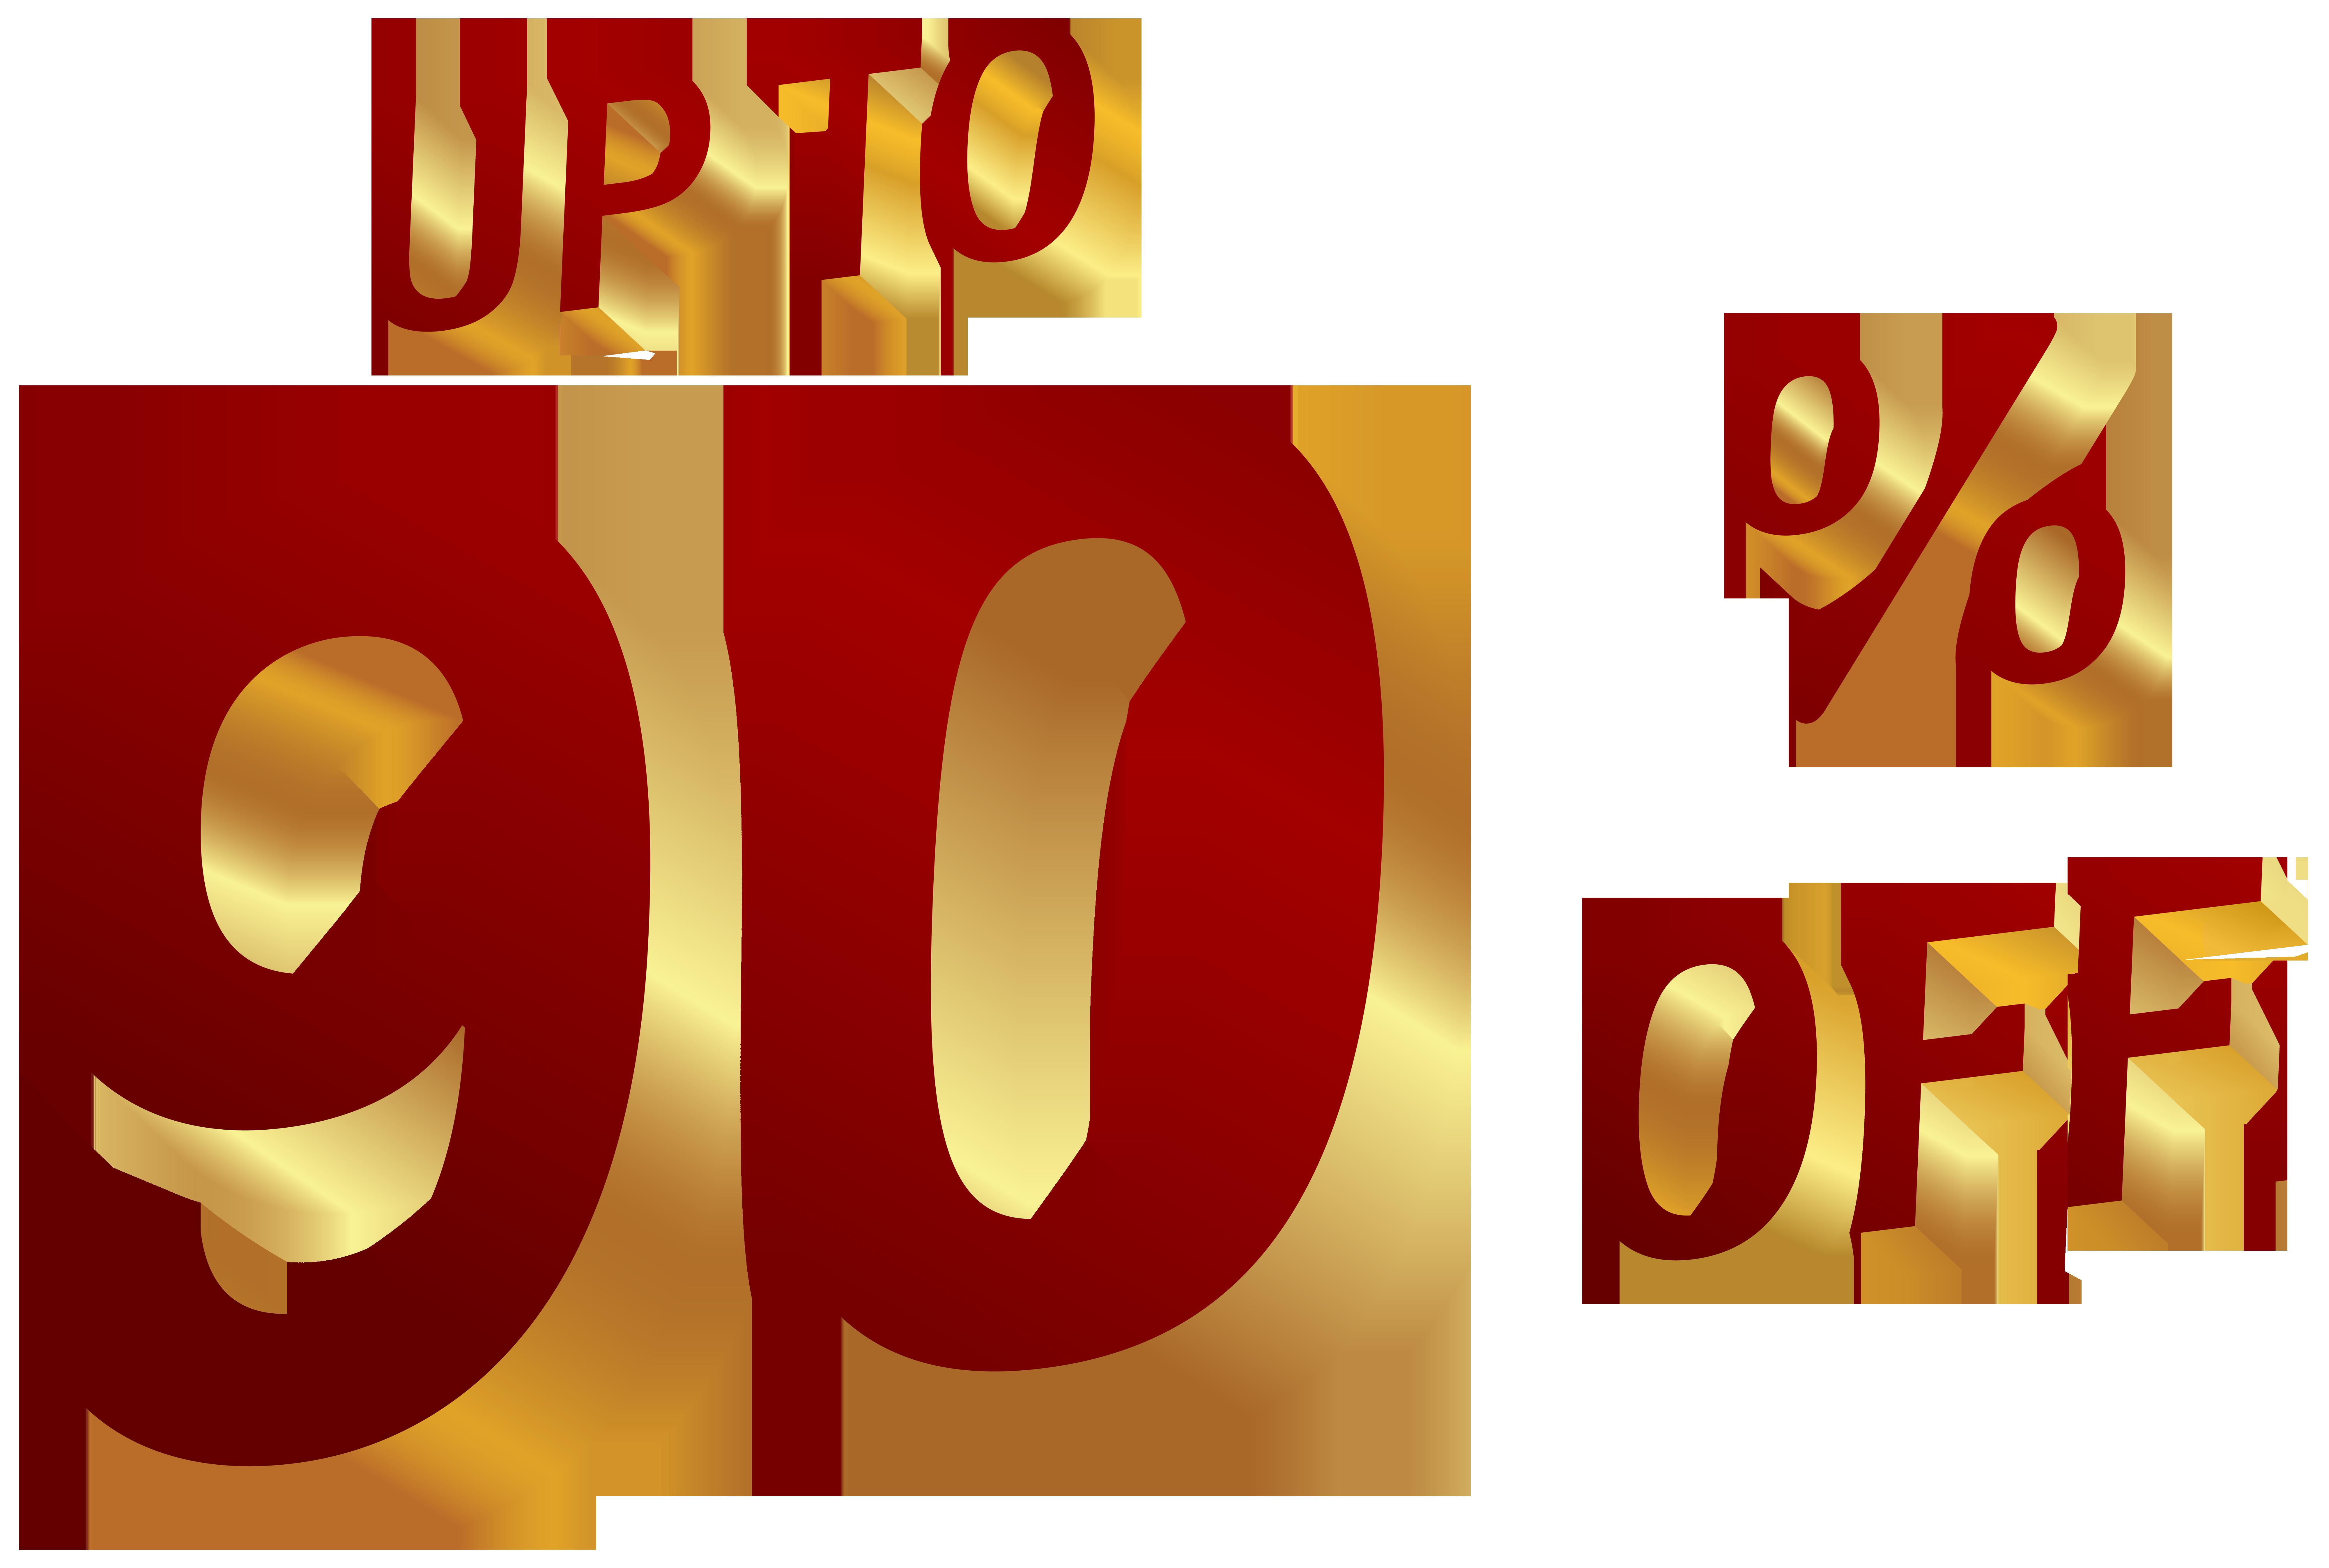 90 Percent Discount Clip Art Image.